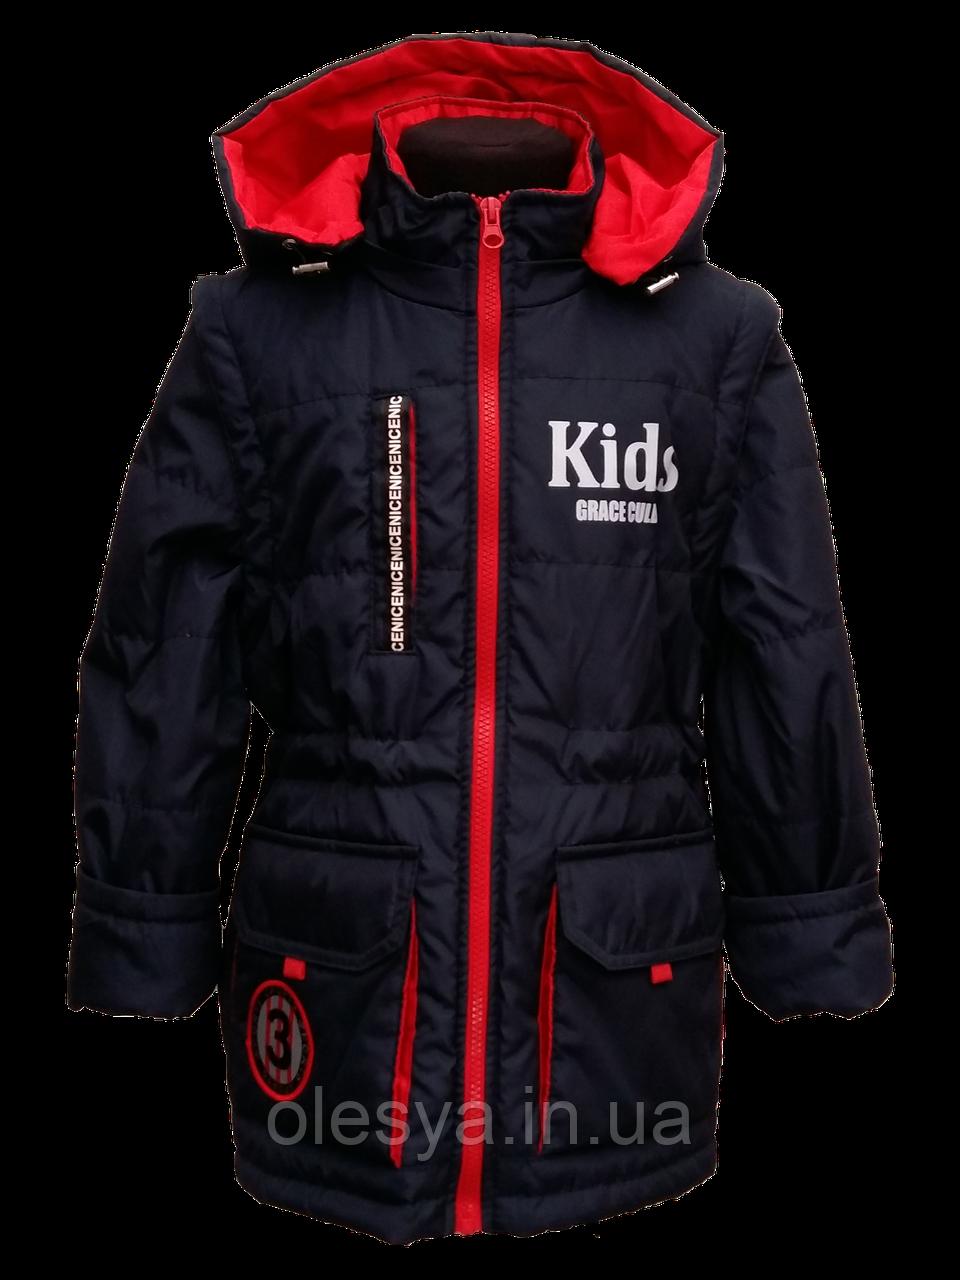 Куртка жилет демисезонная на мальчика Размеры 30- 40